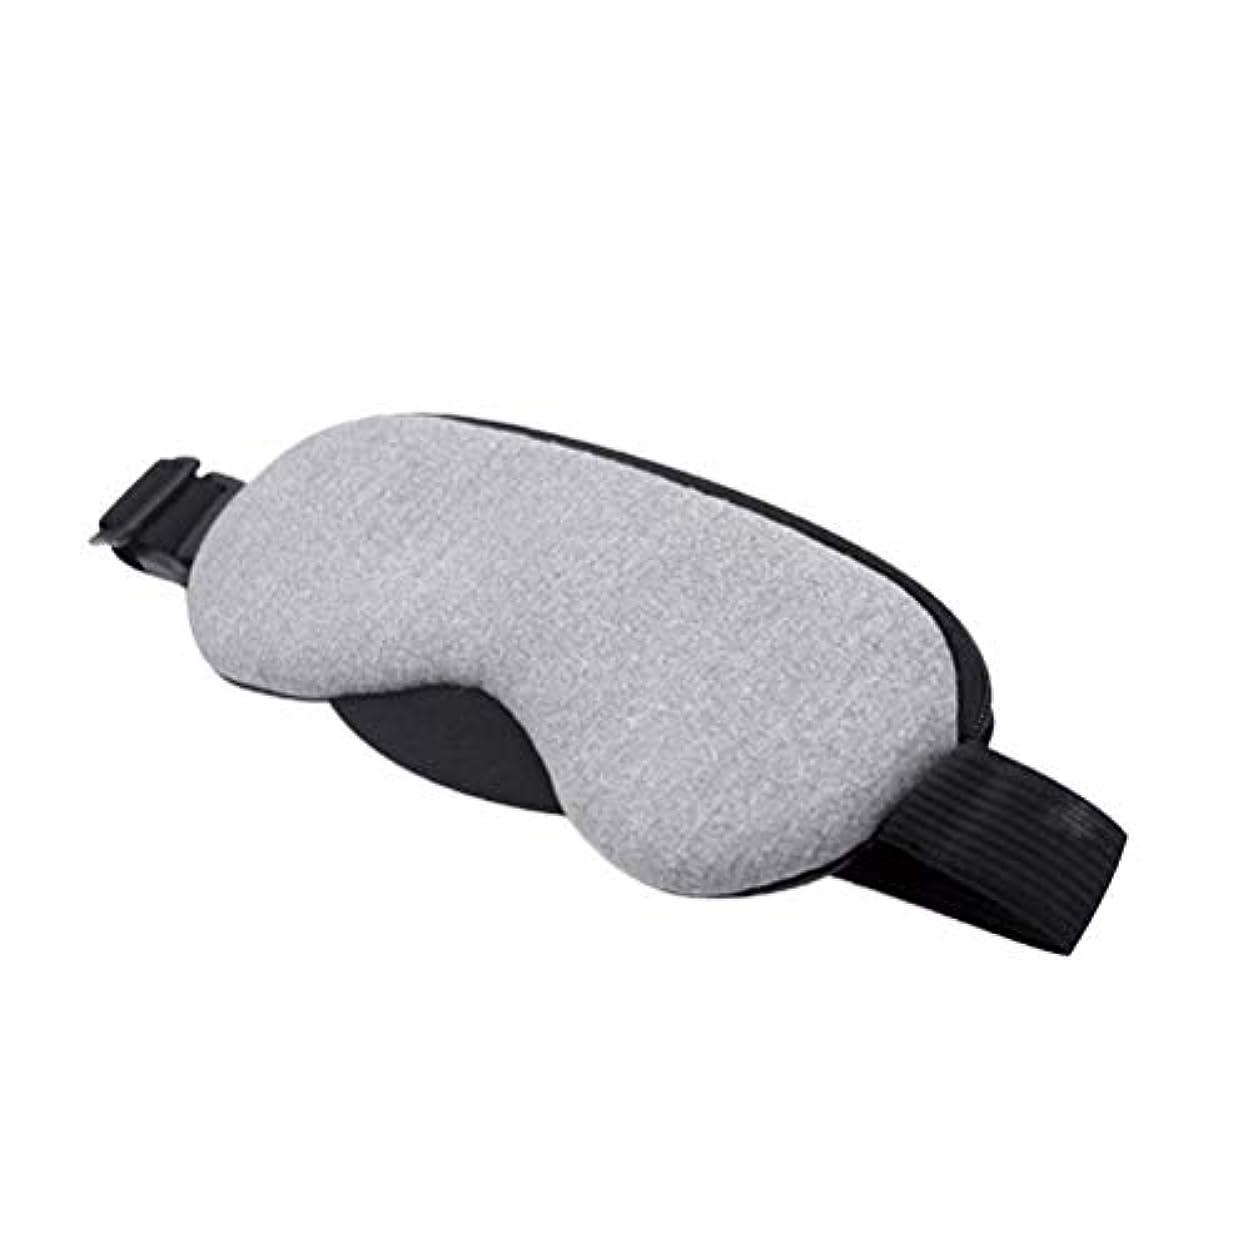 動作領域立法Healifty アイマスク 蒸気ホットアイマスク USB 加熱式 スリーピングアイマスク 温度とタイミング制御 吹き出物/乾燥/疲れた目(灰色)